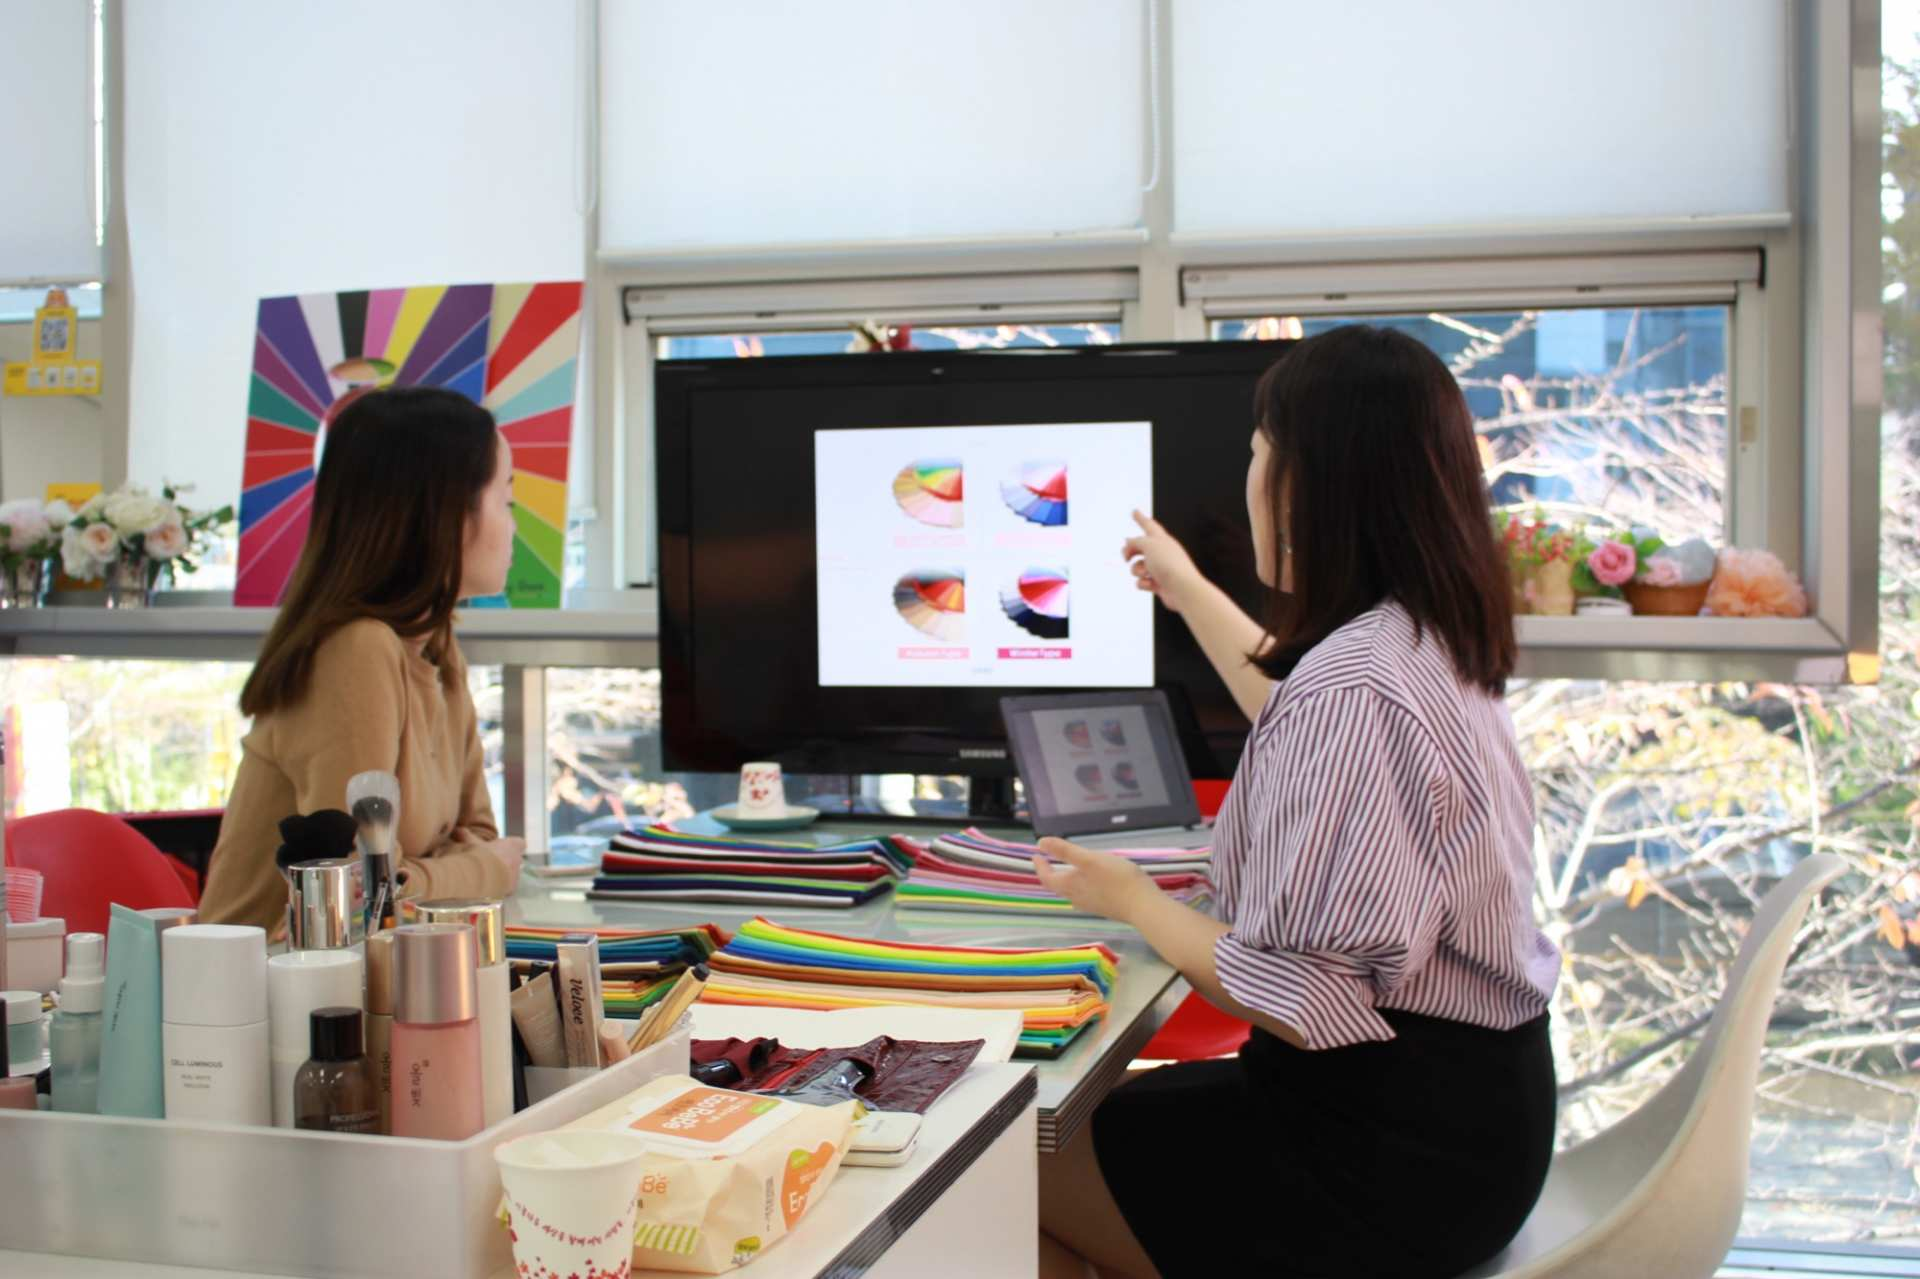 【專屬我的韓系 STYLE】韓國首爾 K Beauty 個人色調診斷與彩妝體驗